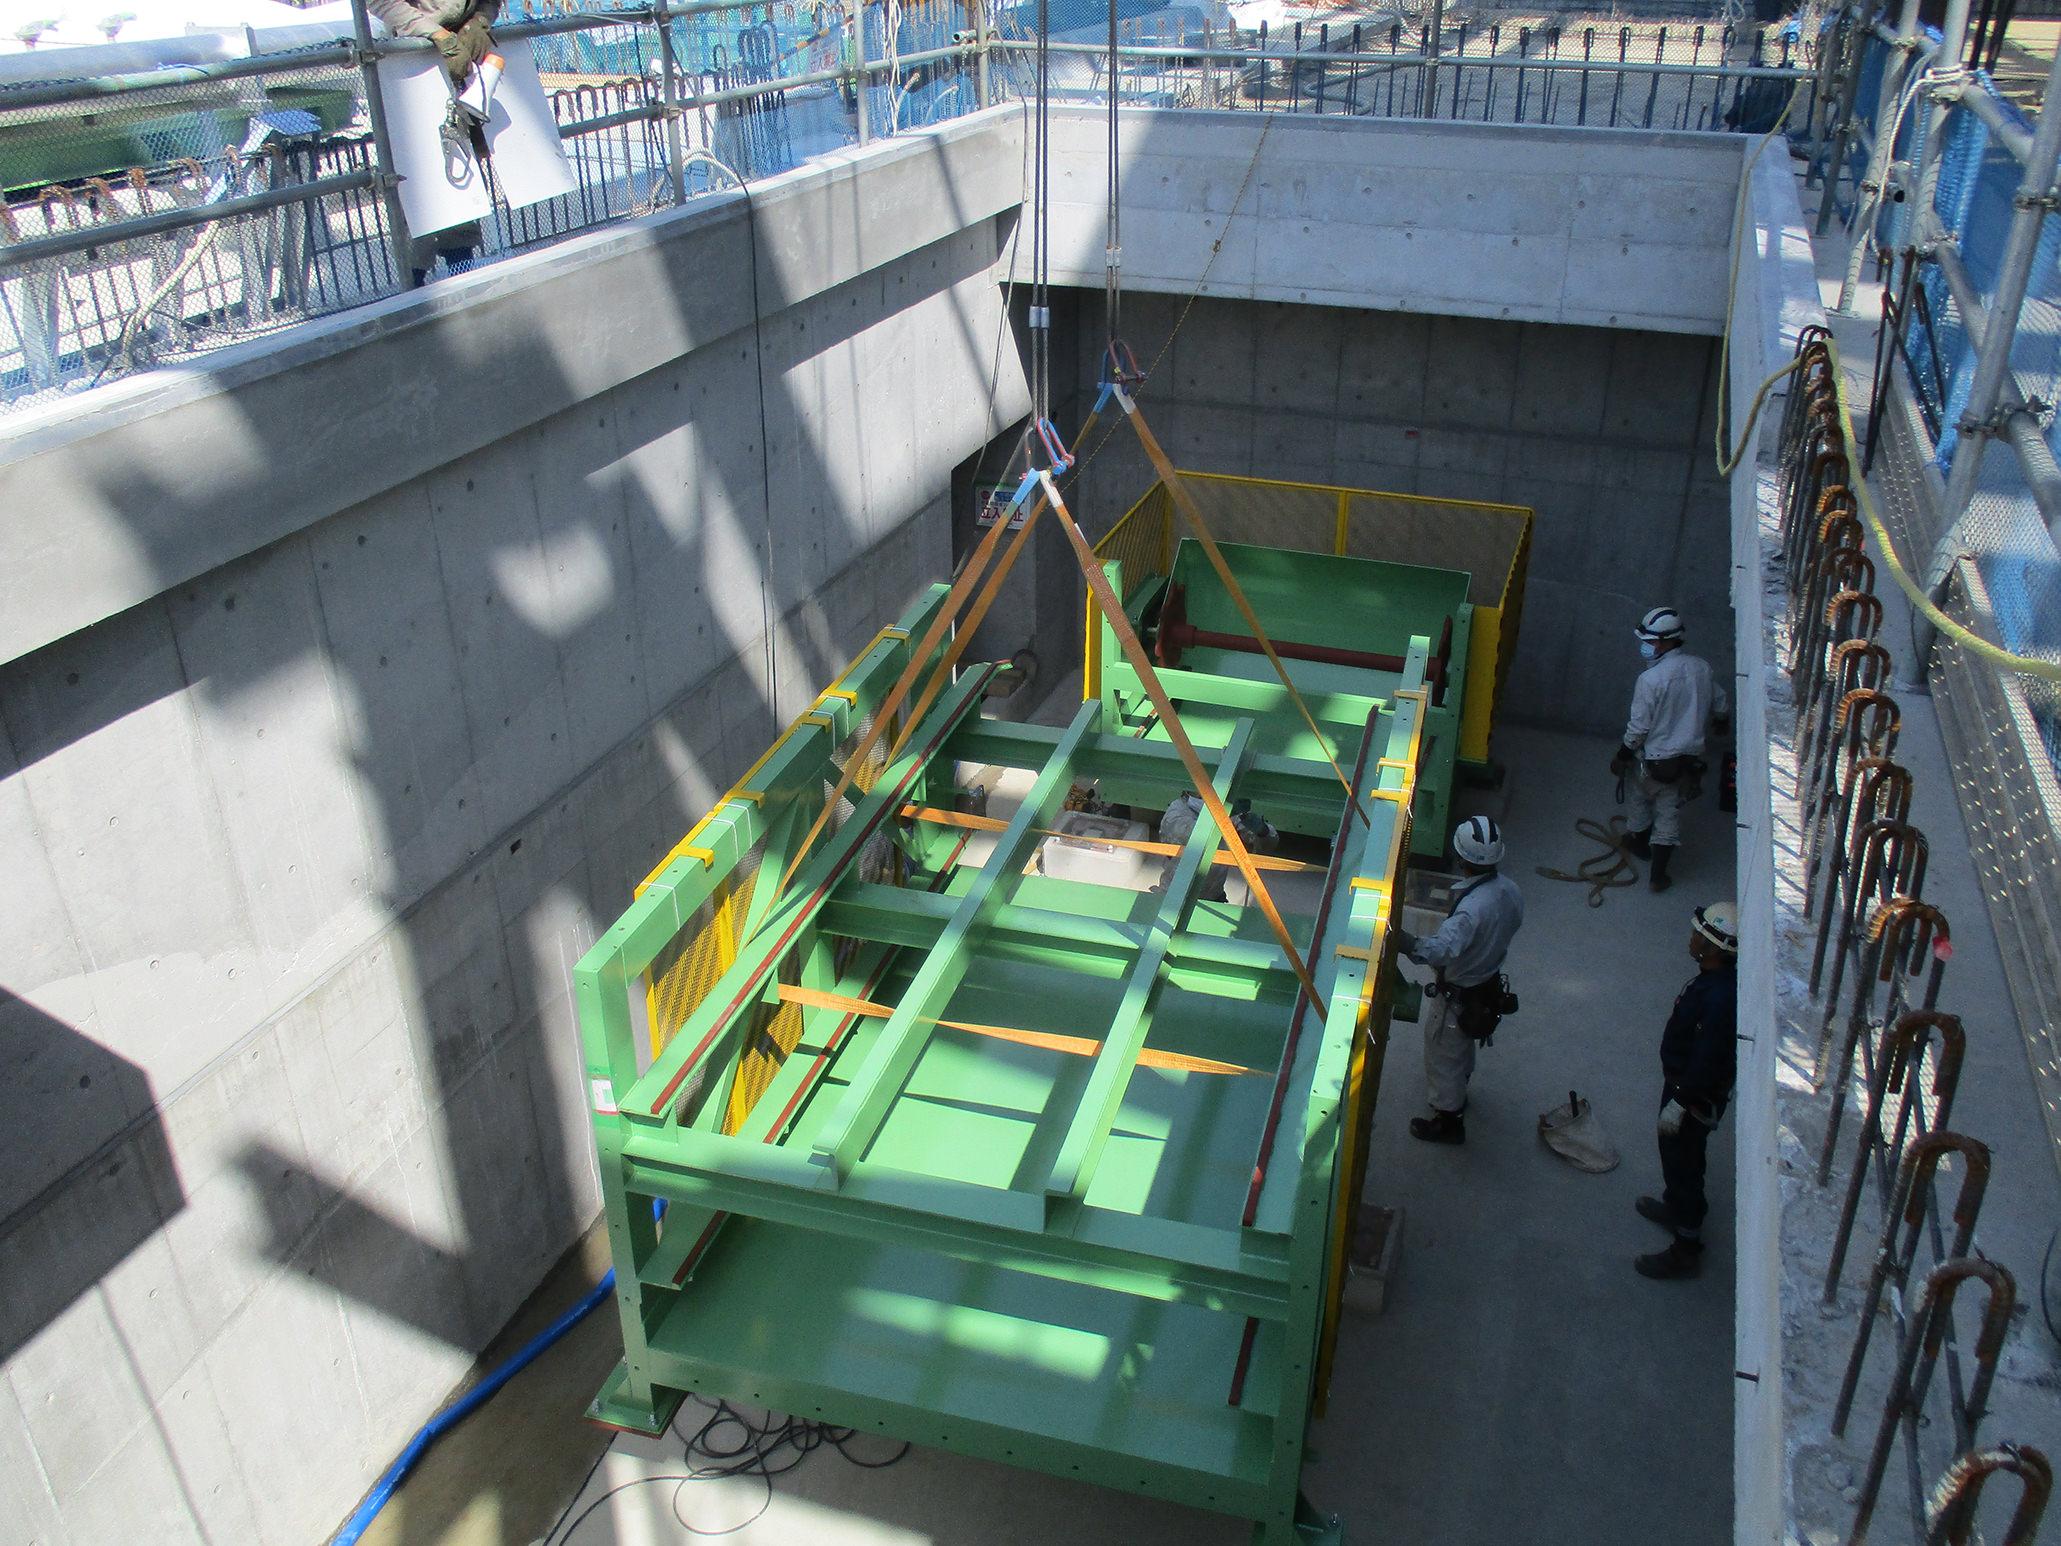 仮称リサイクルパークあさお整備事業資源化処理施設建設